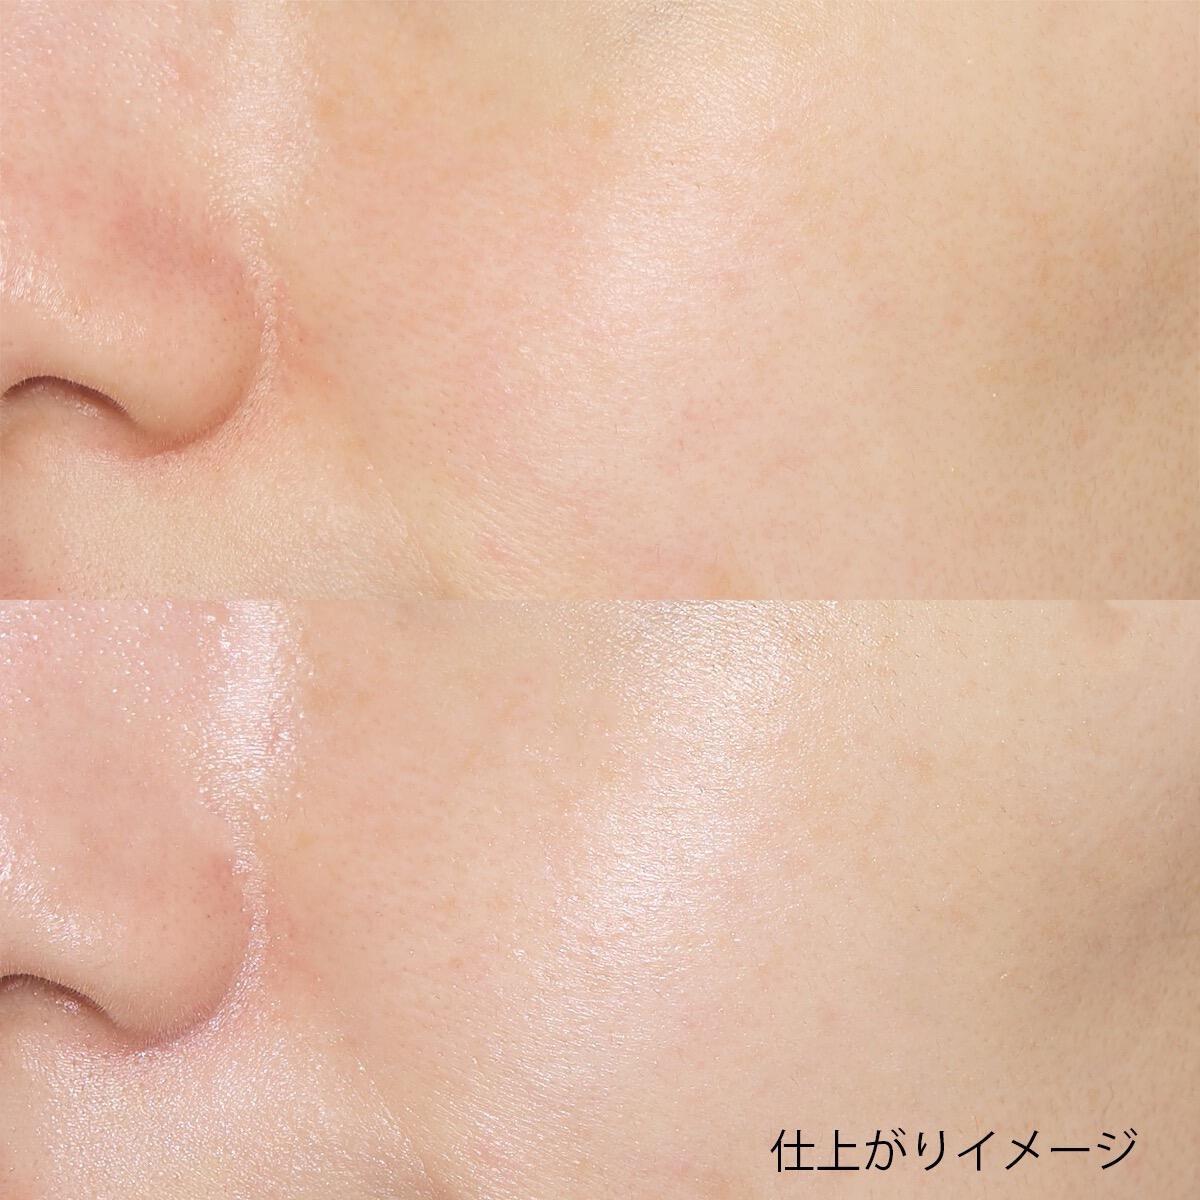 内側から光り輝くツヤ肌に♡ 透明感あふれる肌に仕上がるブルーグロウをご紹介に関する画像16